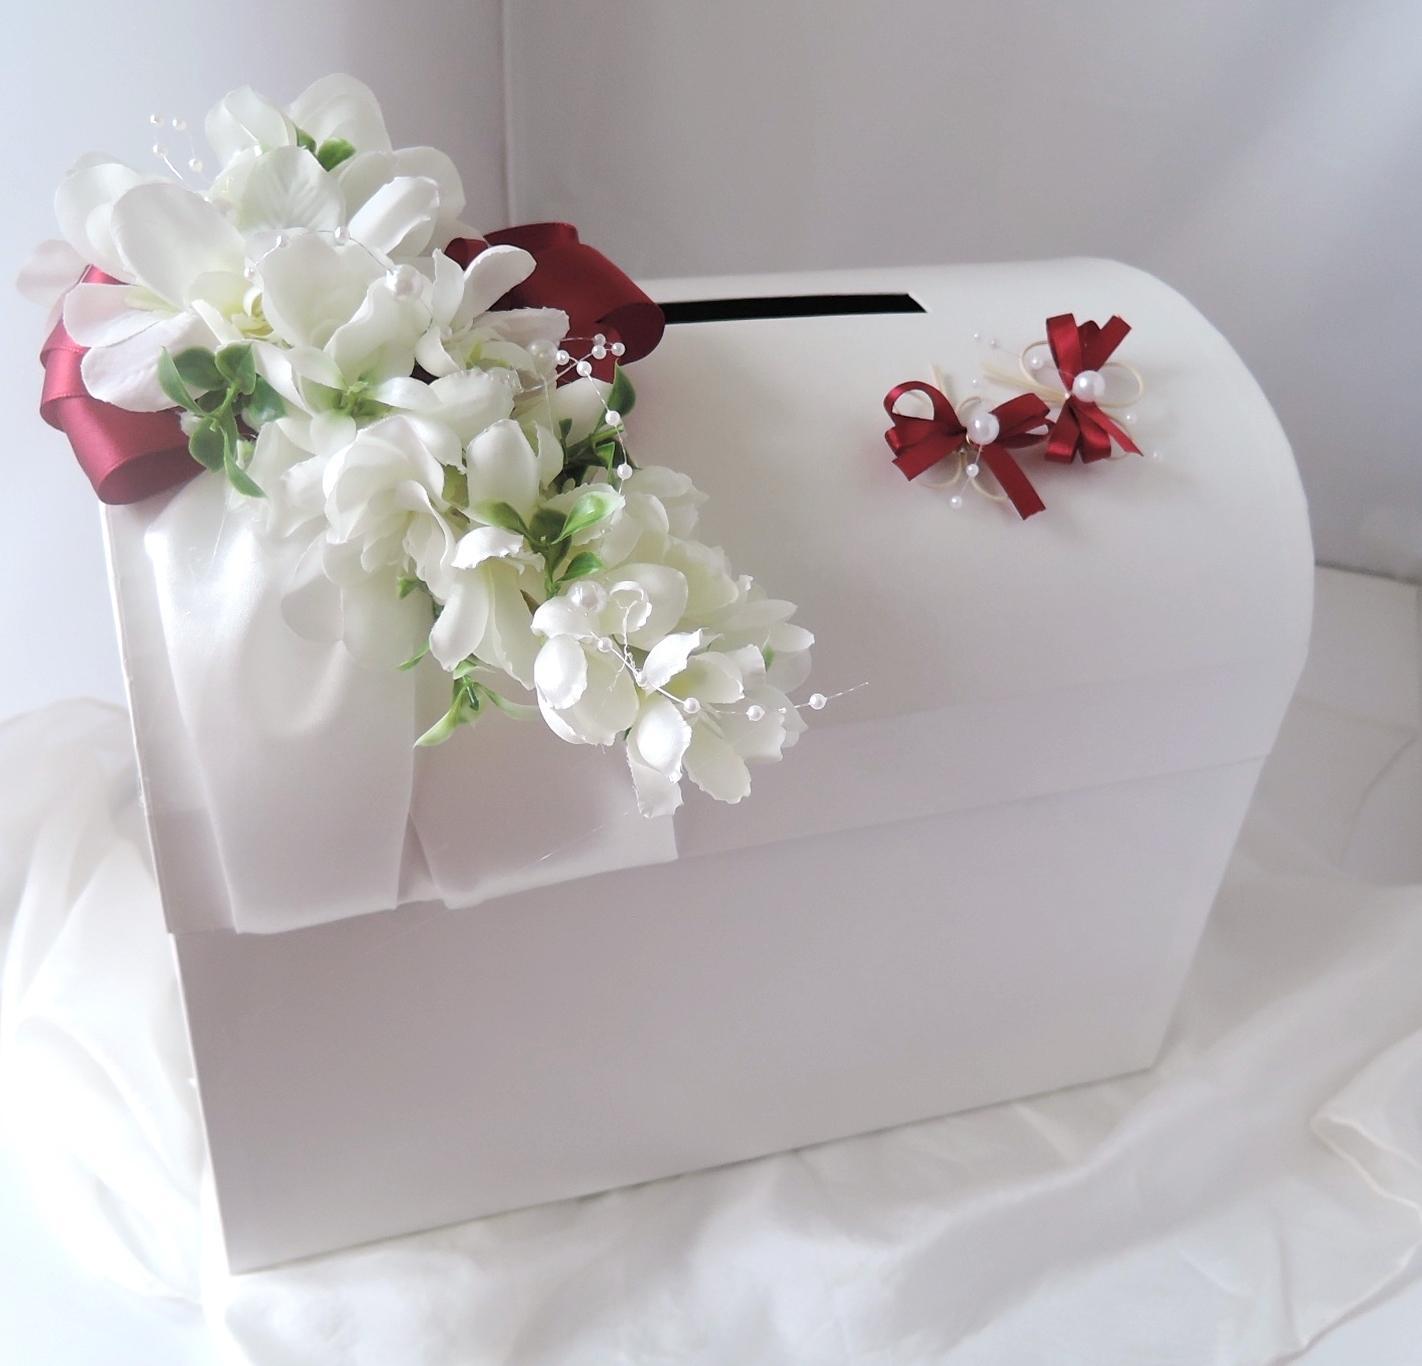 svatební pokladnička velká-motýlci bordó-zapújčení - Obrázek č. 3